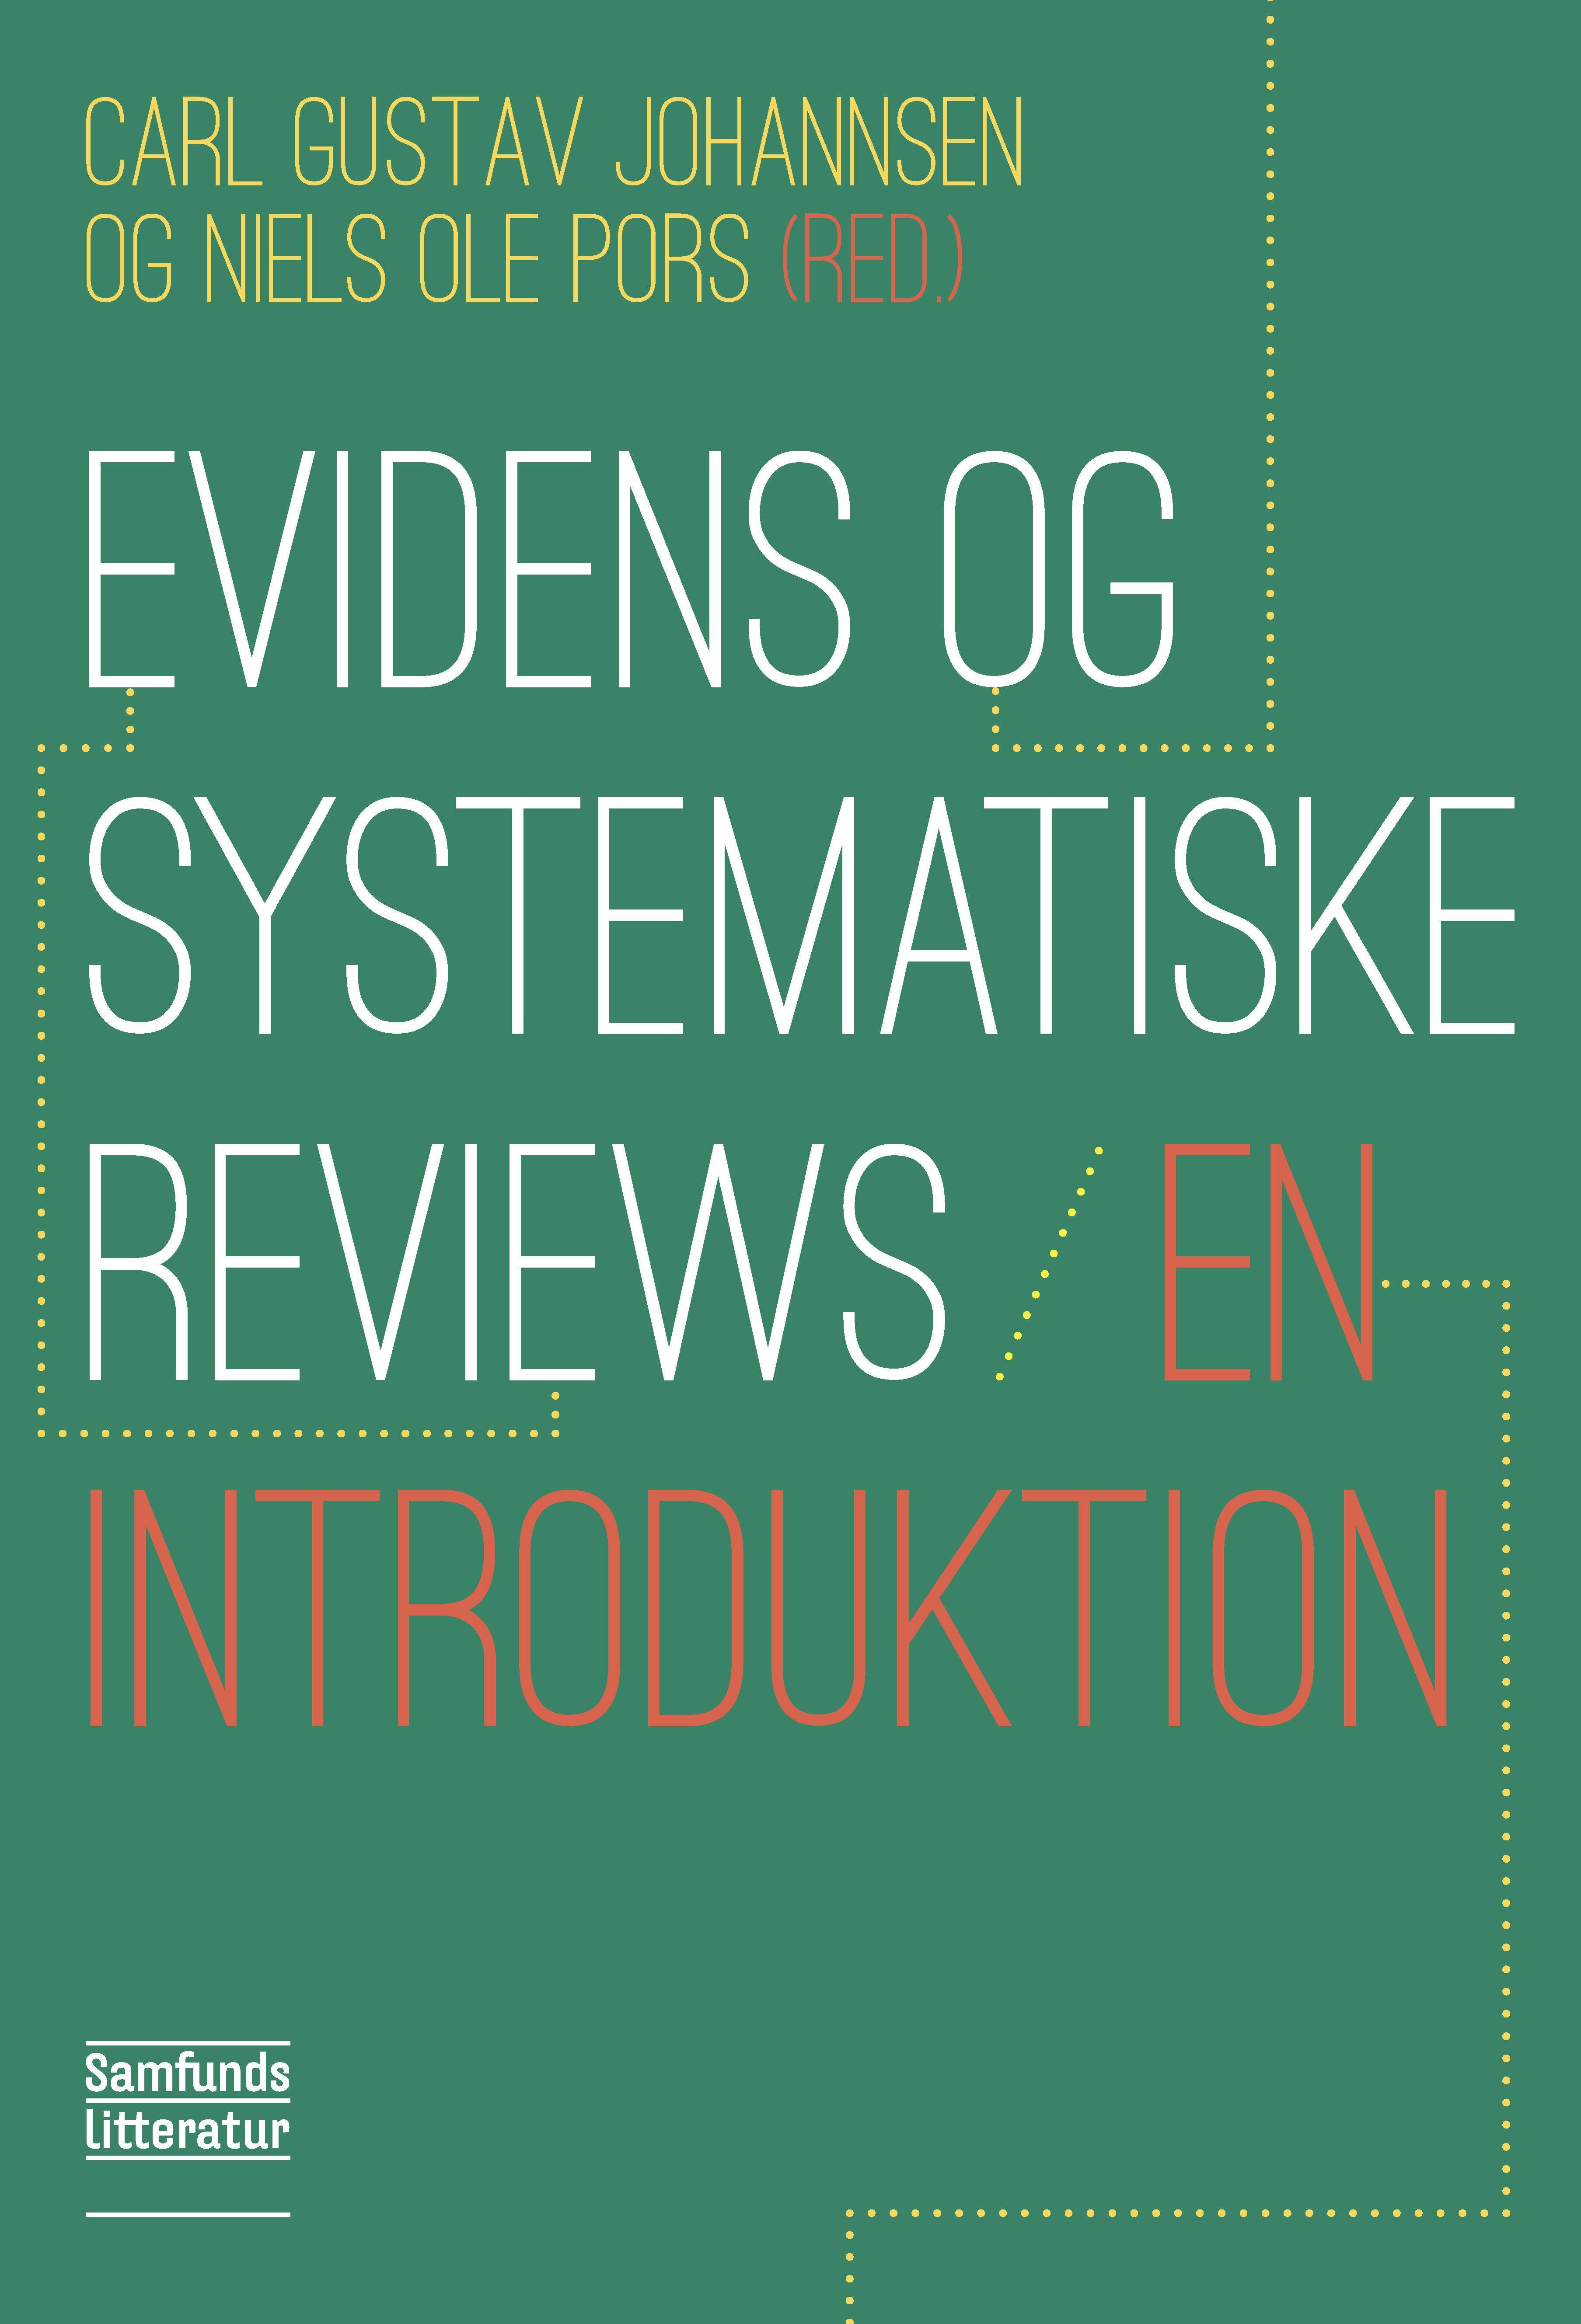 Evidens og systematiske reviews